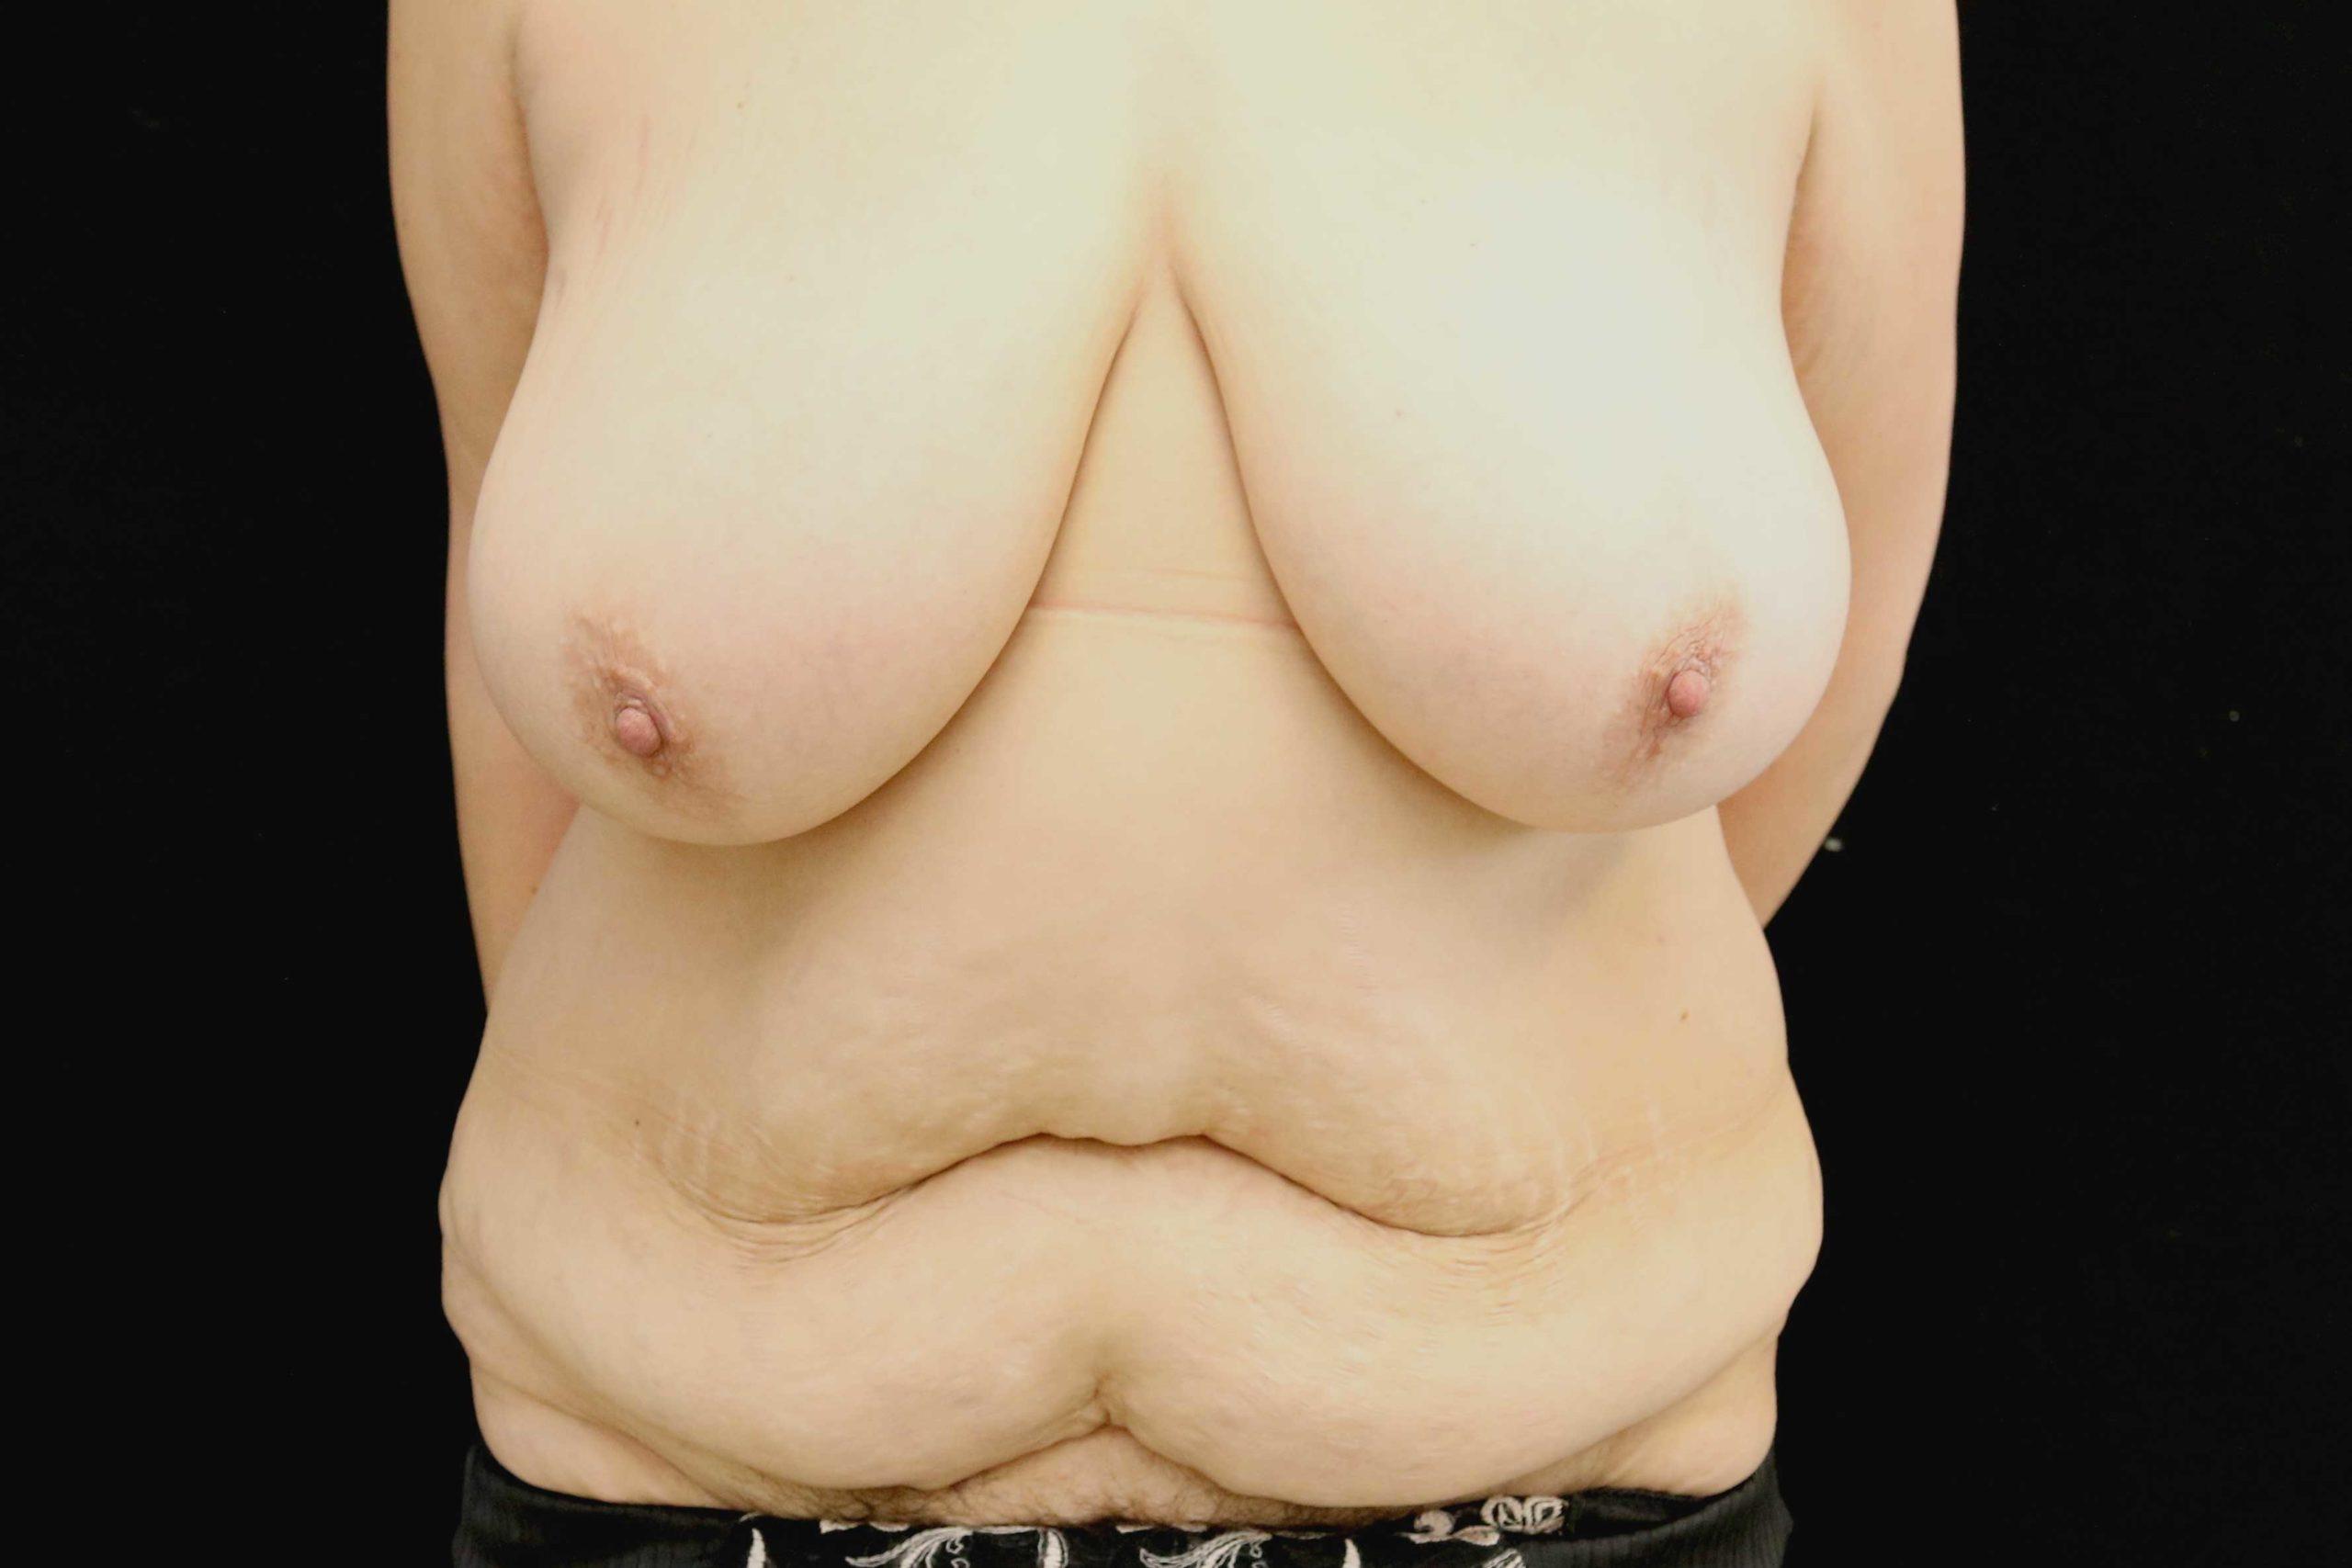 Réduction + Abdominoplastie 1 (Avant)